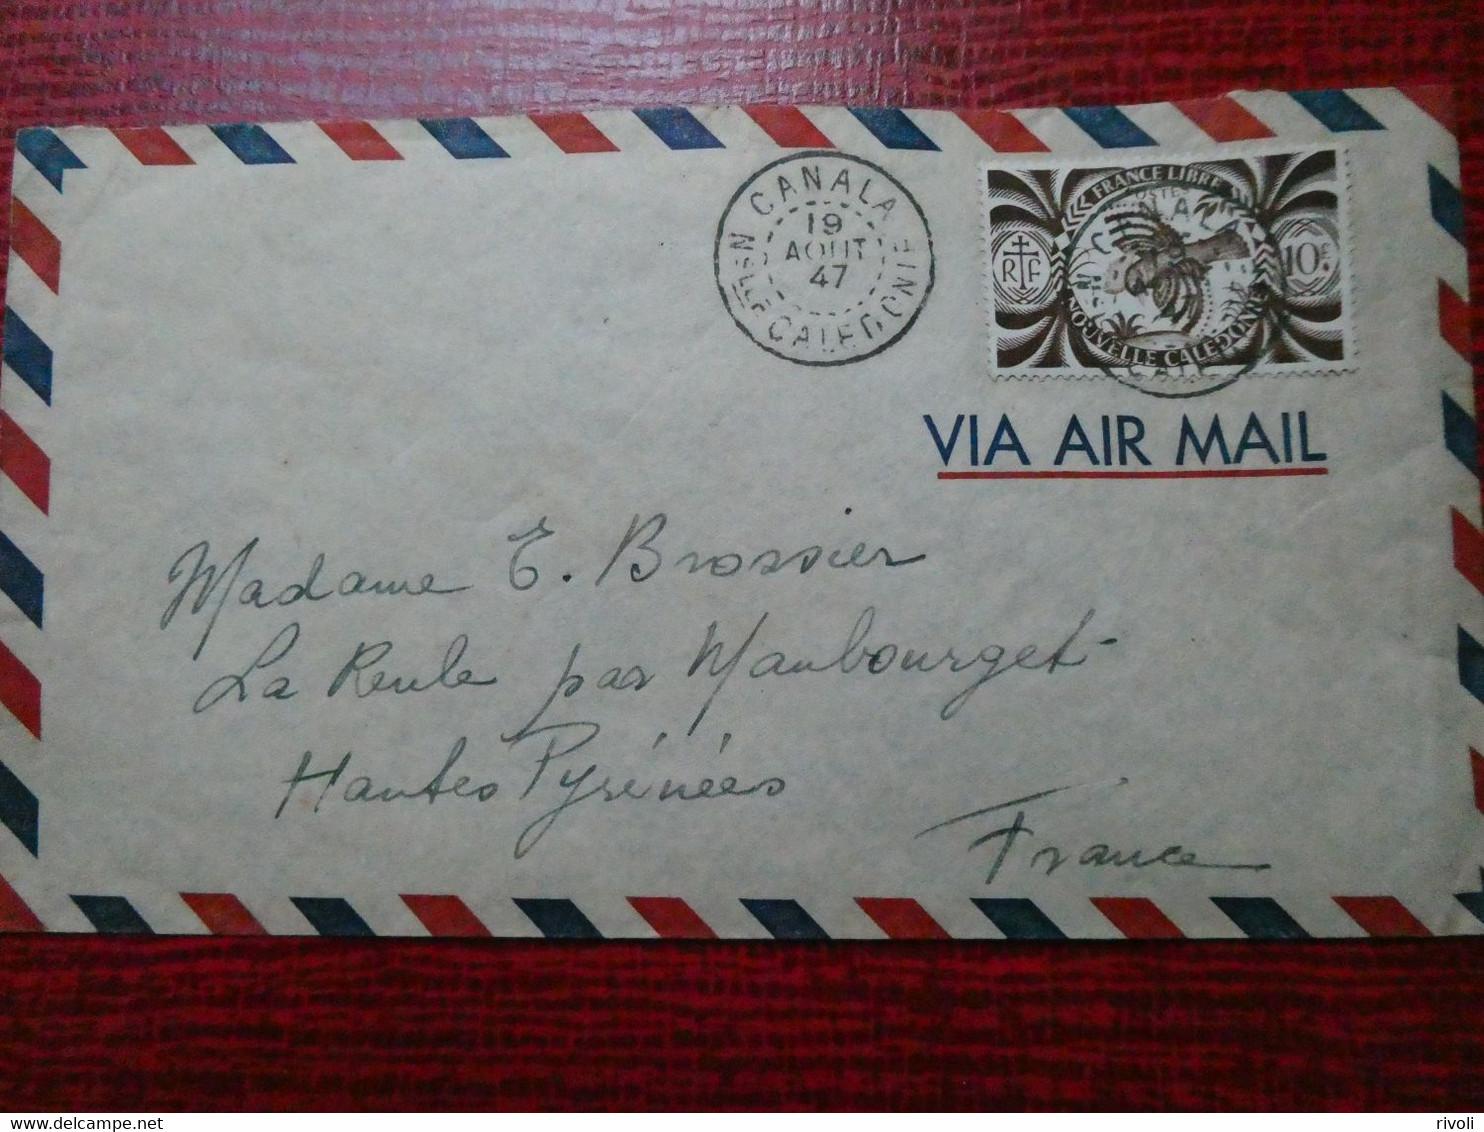 NOUVELLE CALEDONIE 19 AOUT 1947 LETTRE CANALA - NOUMEA - Storia Postale